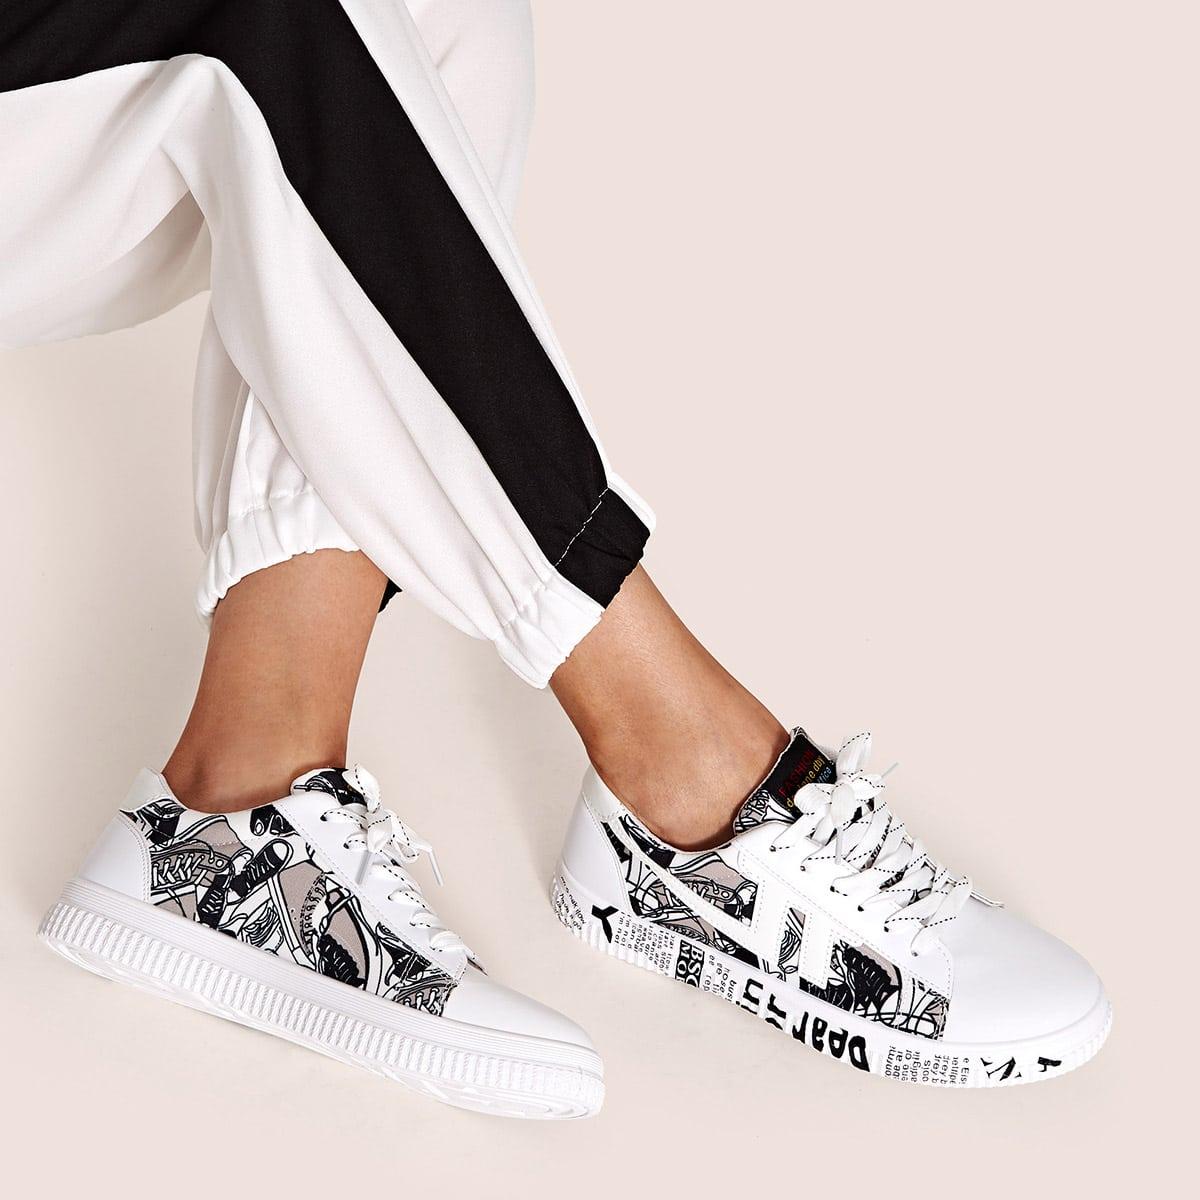 Кроссовки на шнурказ с текстовым принтом от SHEIN